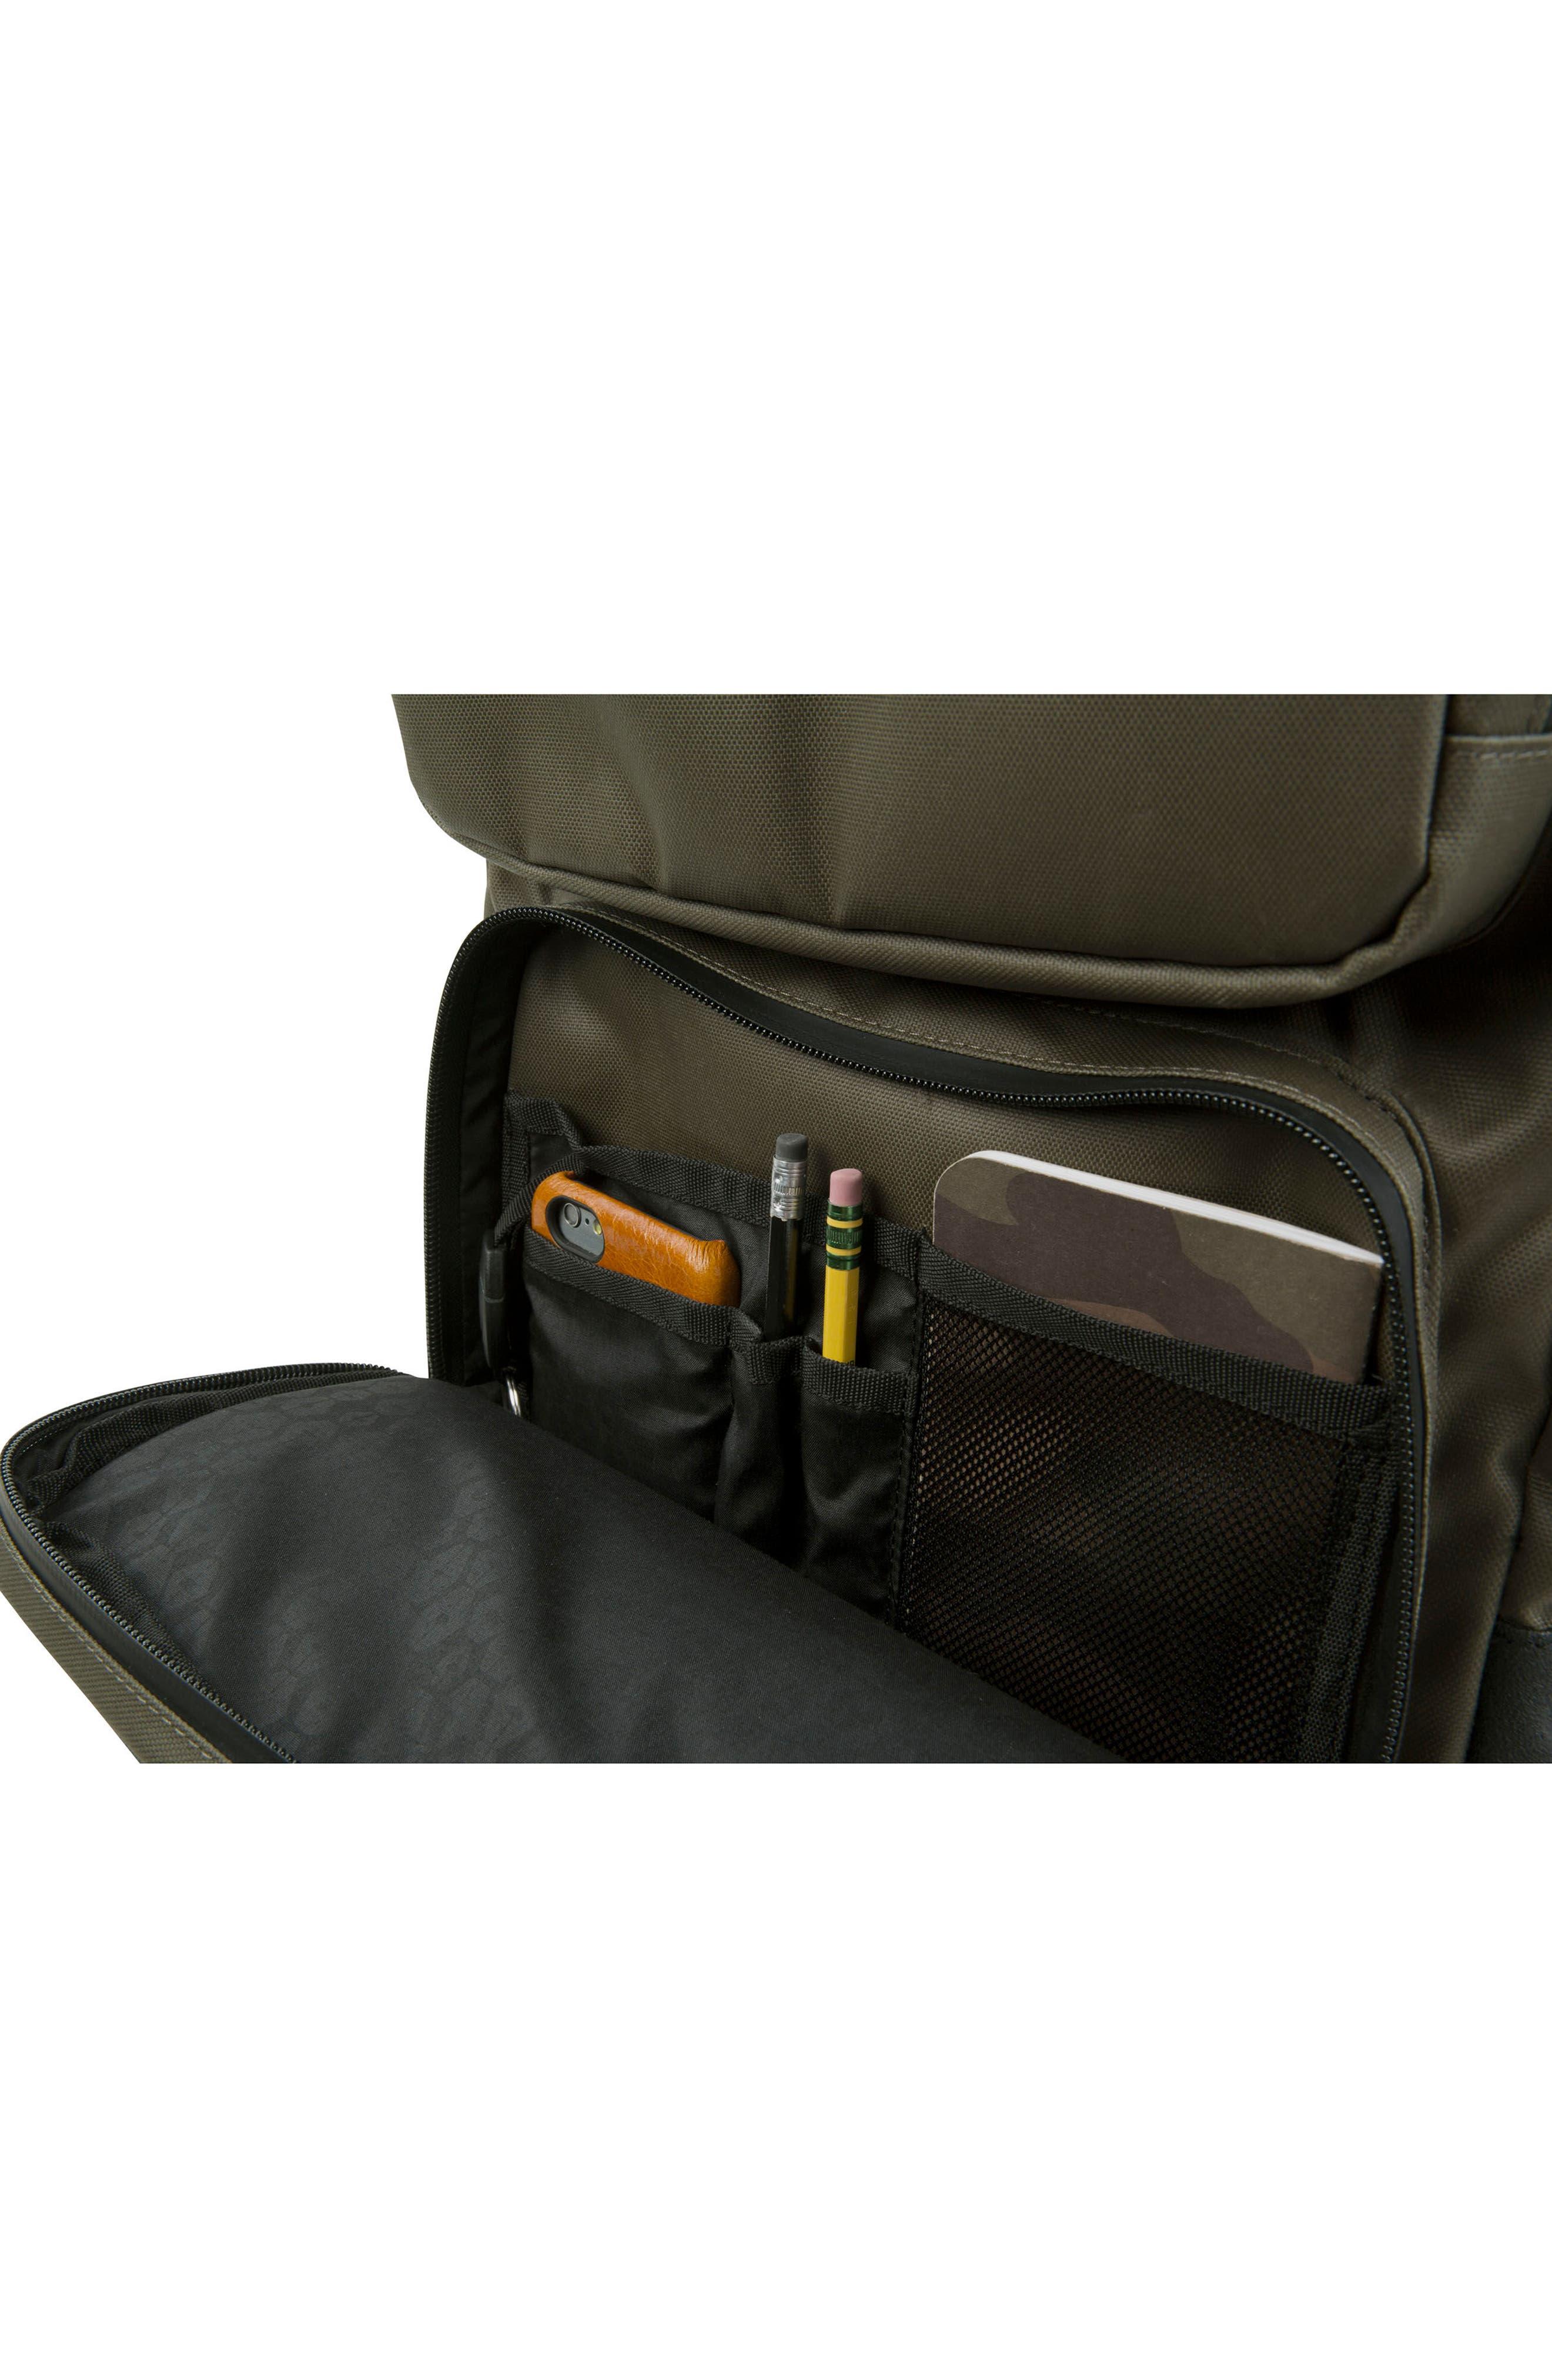 Patrol Backpack,                             Alternate thumbnail 3, color,                             Olive